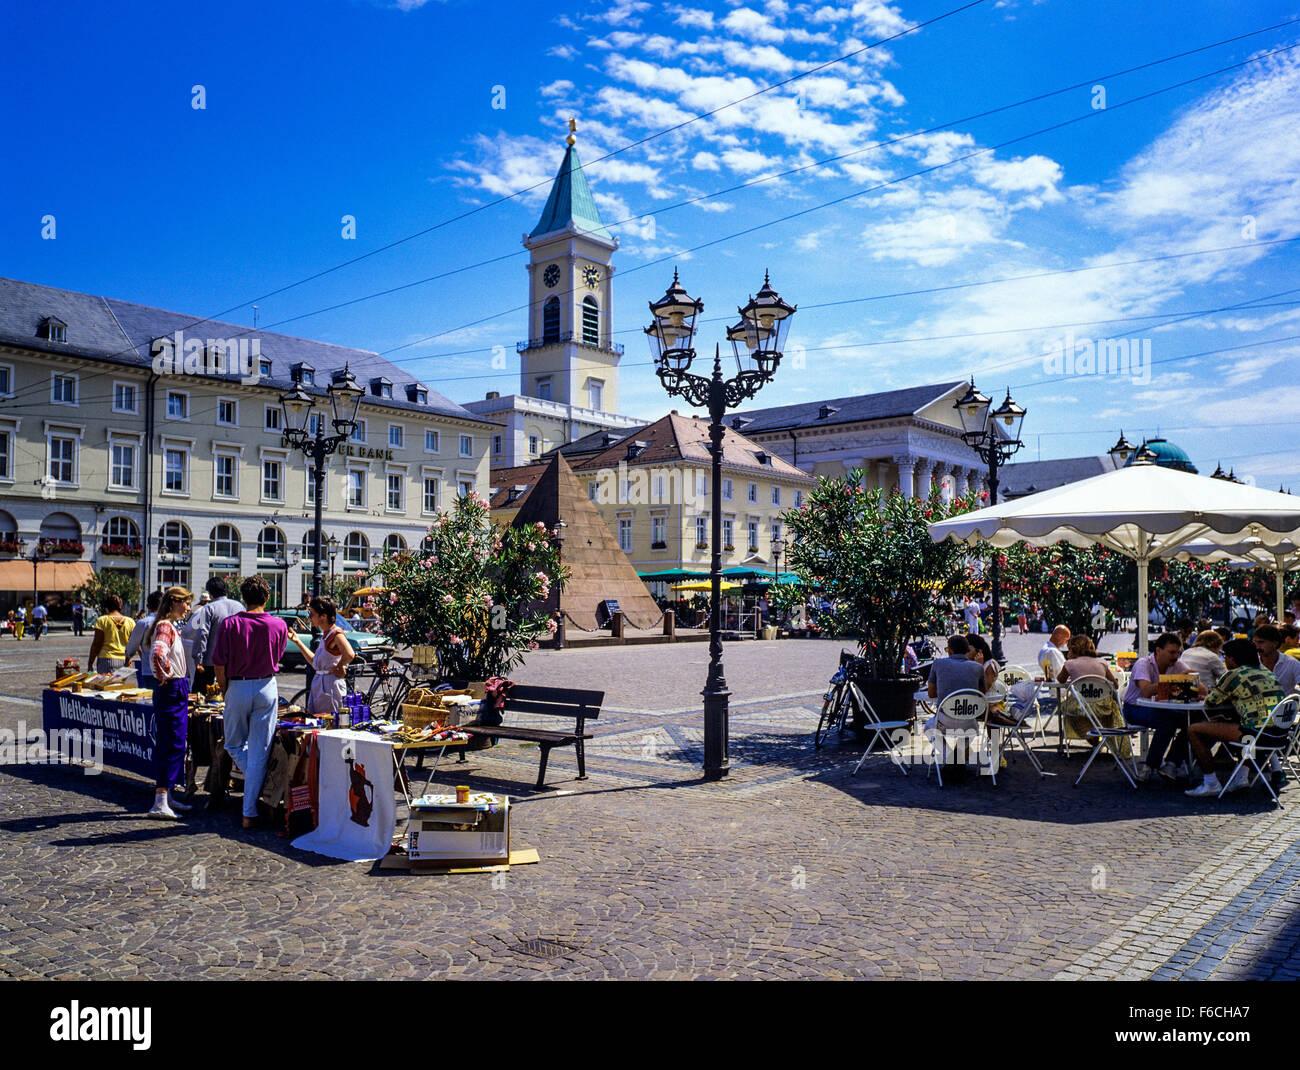 Liebe Verkauf Und Café Terrasse Der Lutherischen Kirche Marktplatz